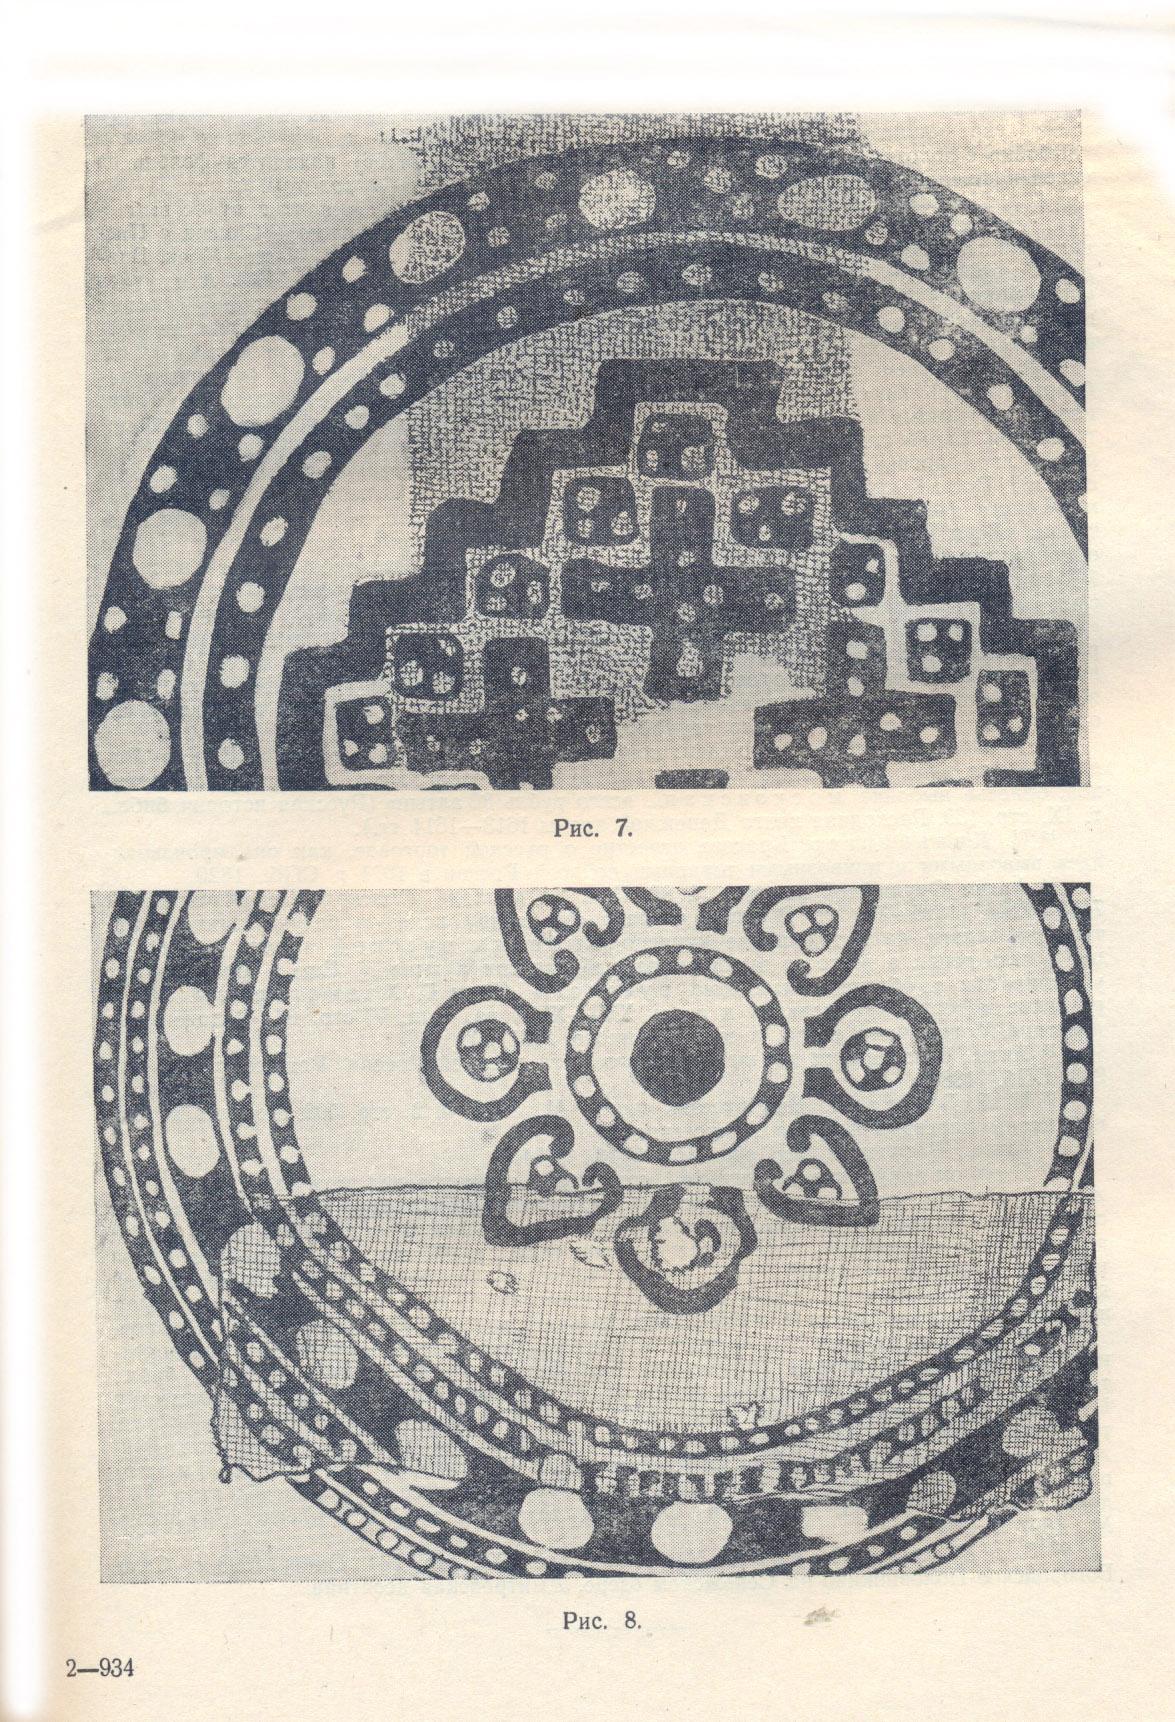 рисунок в тексте 7-8.jpg